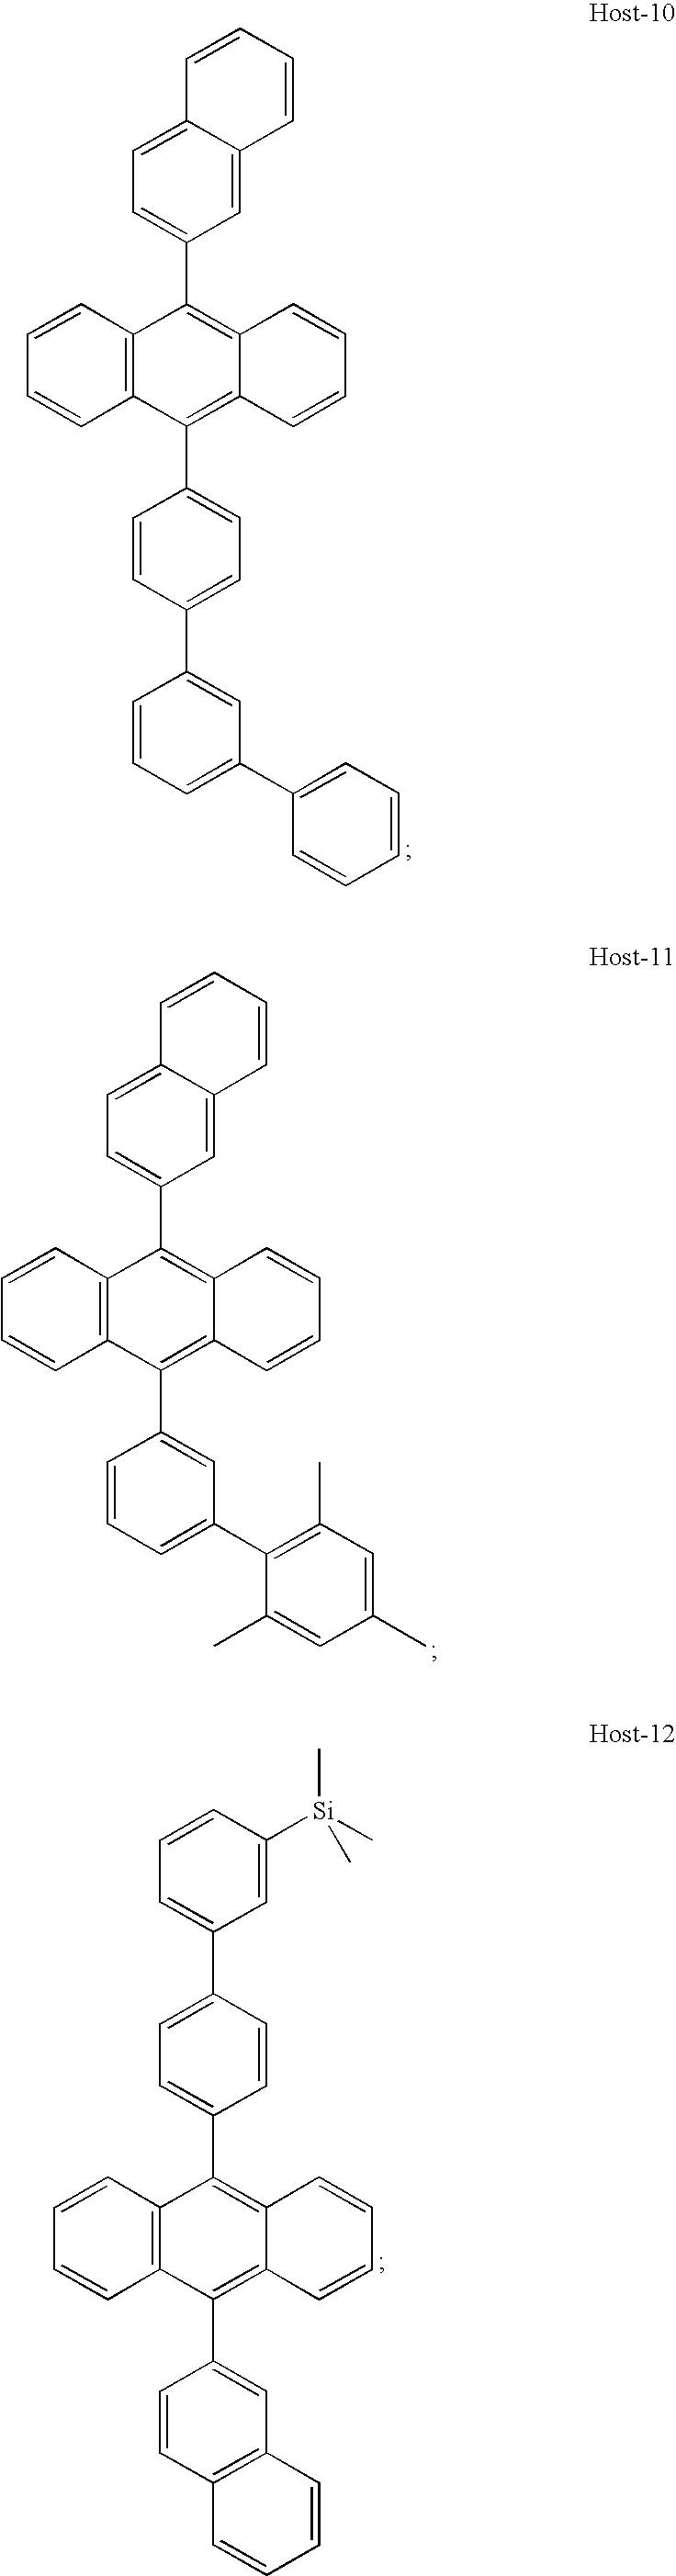 Figure US20060105198A1-20060518-C00007